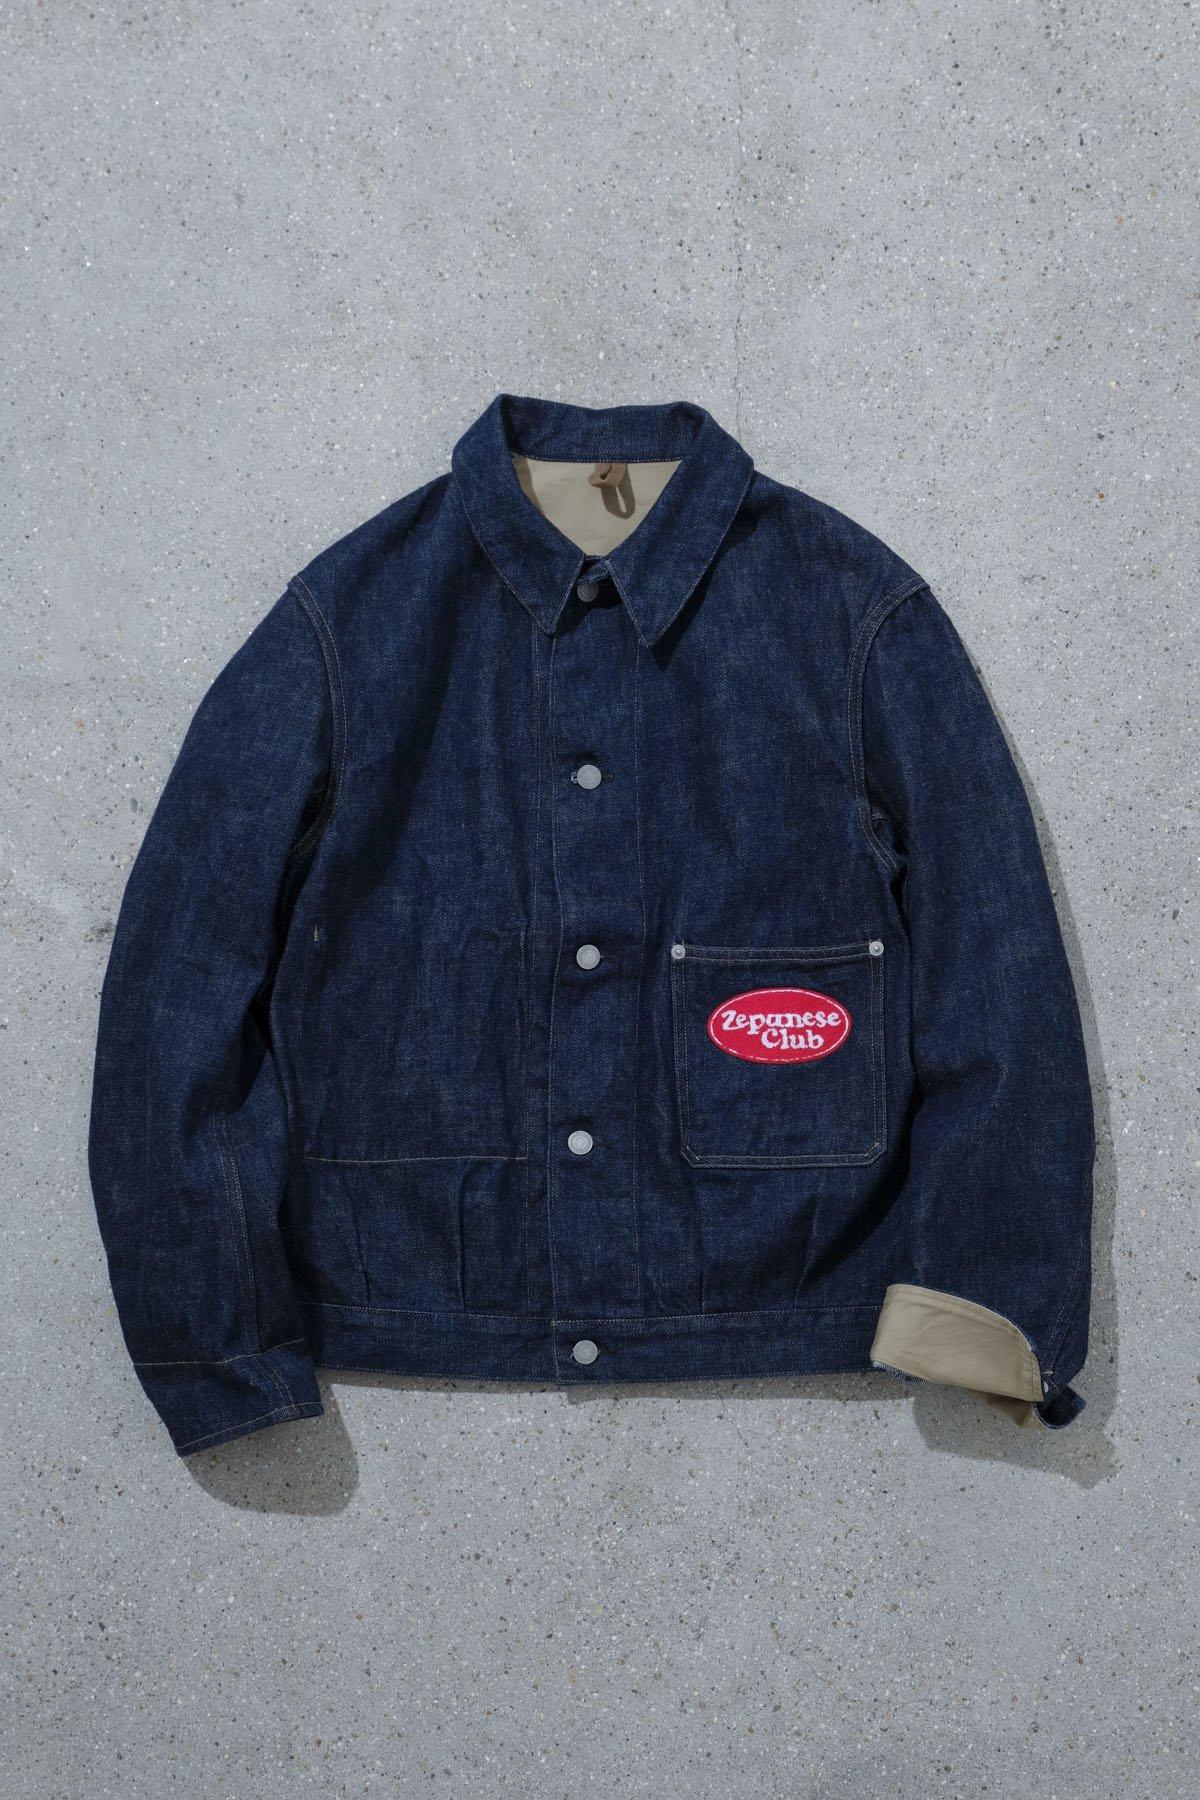 Zepanese Club × Scye / Work Jacket